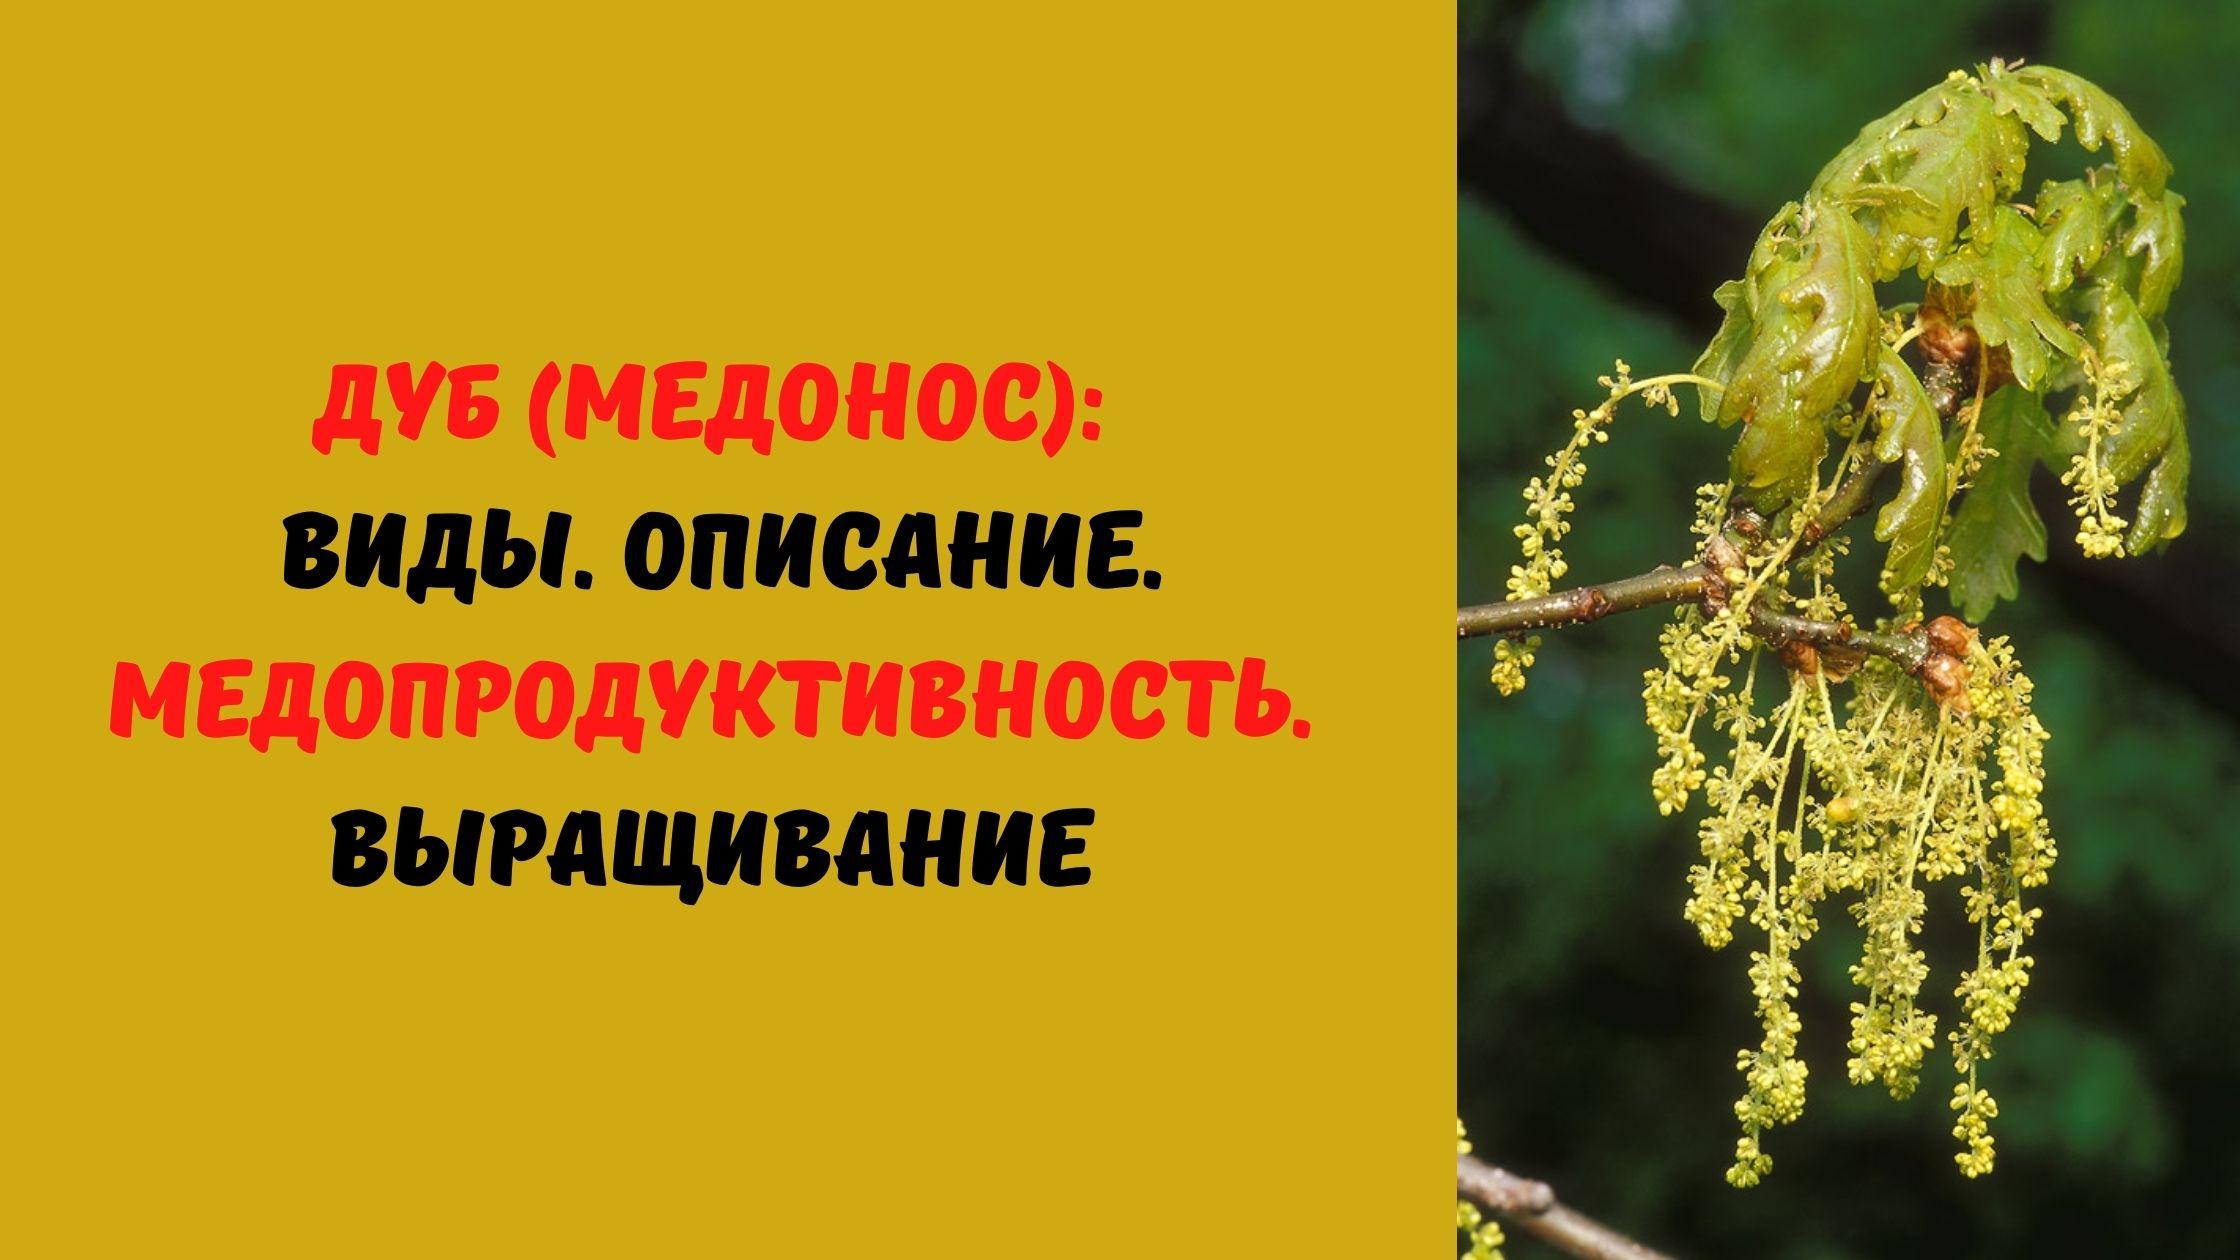 дуб медонос